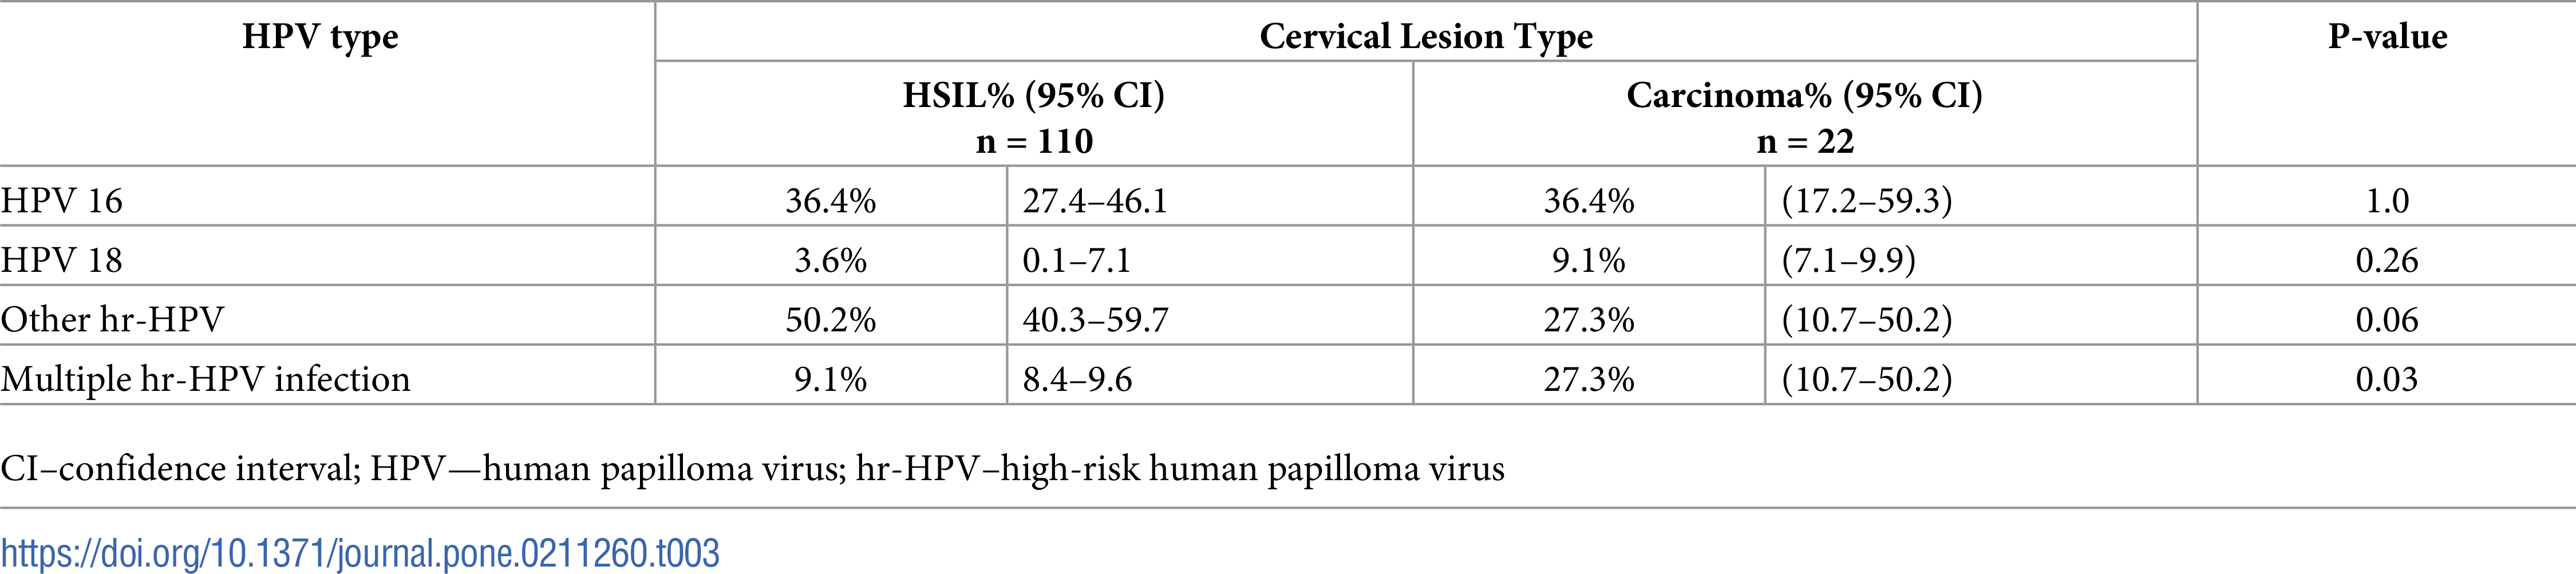 hpv virus en pap 2